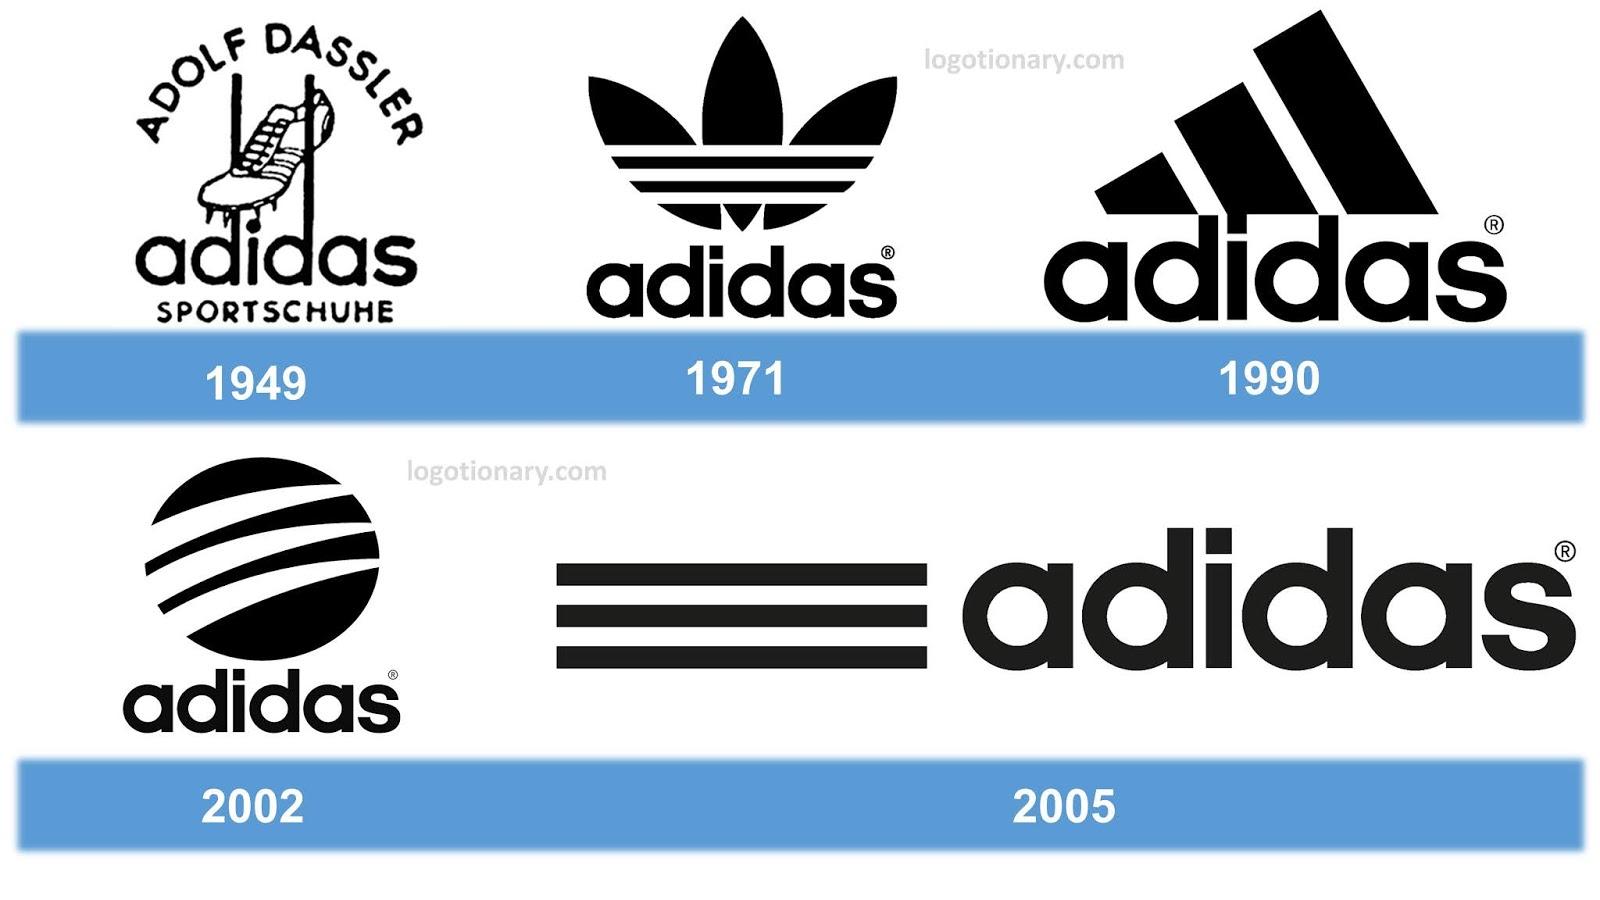 61483e7a6 Adidas Logo Evolution and History - LOGOTIONARY